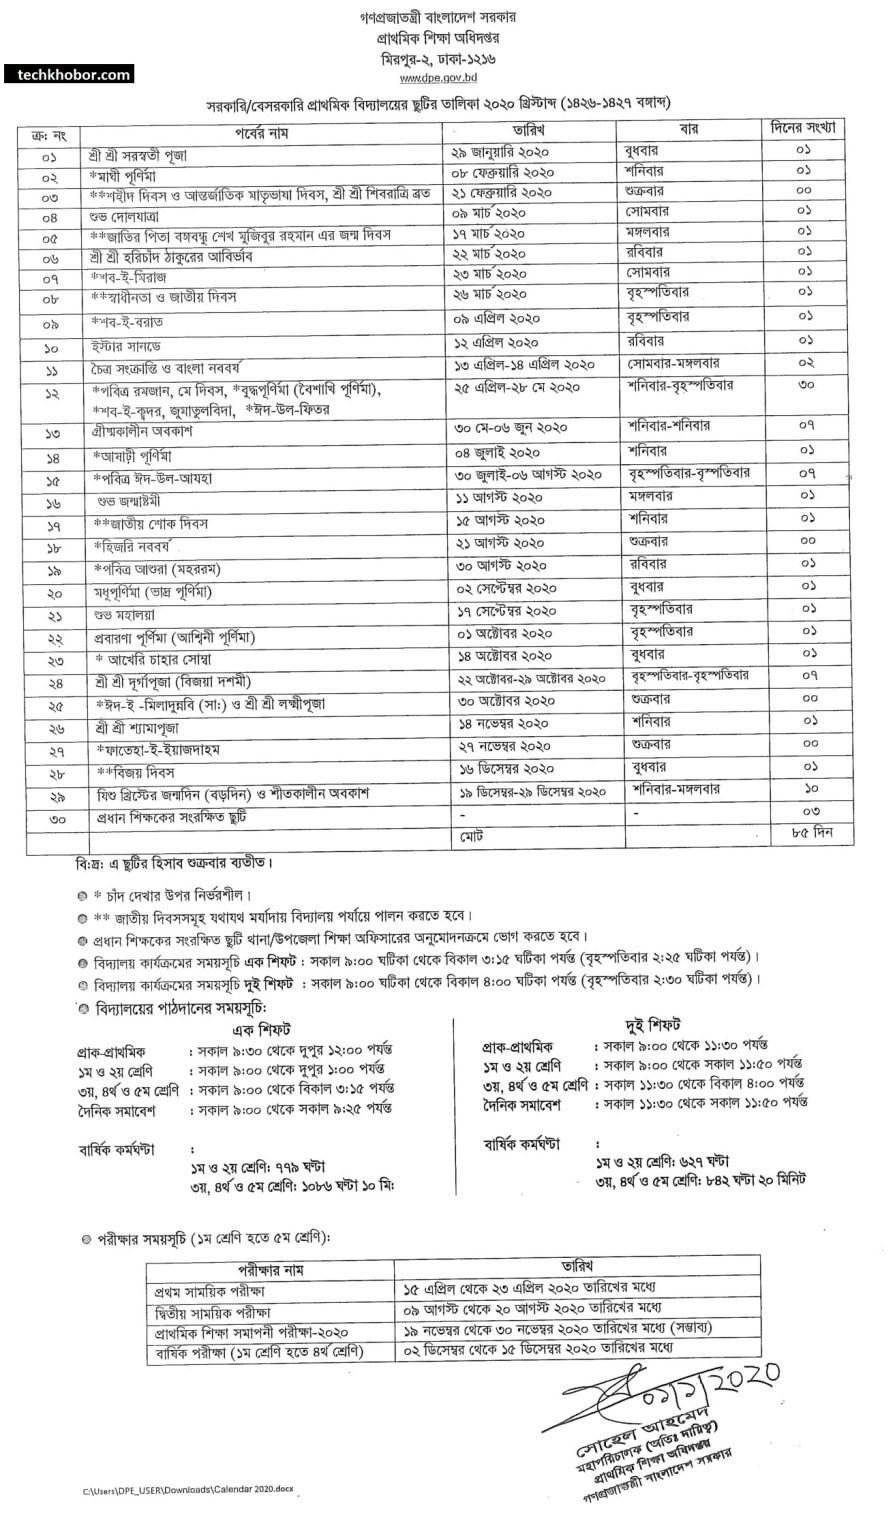 ২০২০-সালের-প্রাইমারি-স্কুলের-ছুটির-তালিকা-একাডেমিক-ক্যালেন্ডার